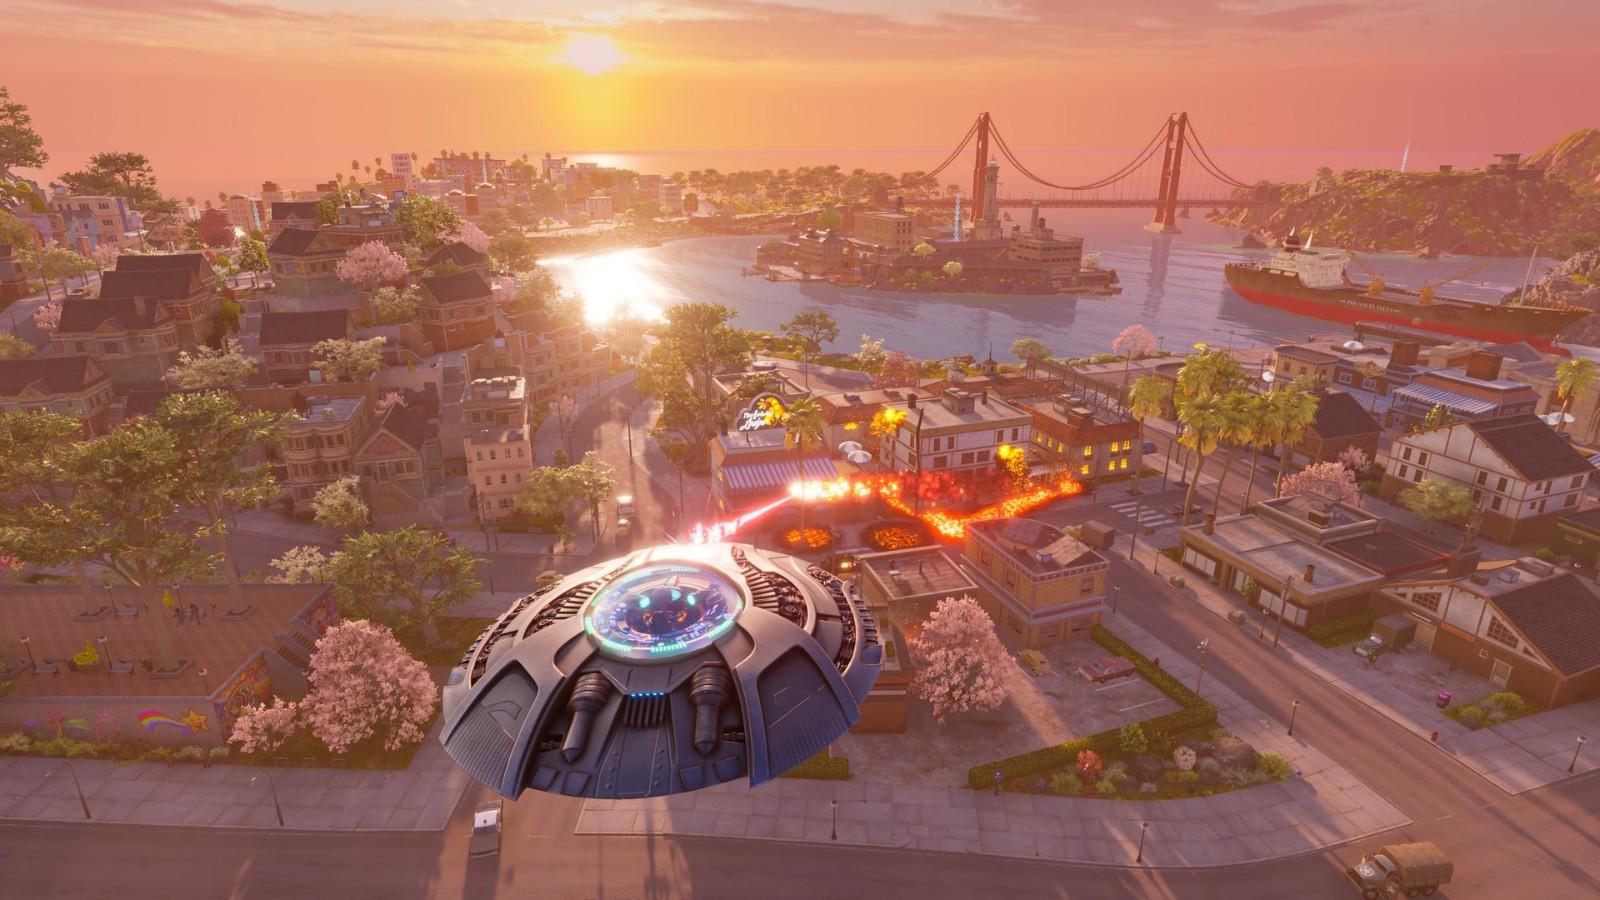 虚幻4引擎完全重制《毁灭全人类2:重制版》正式发布